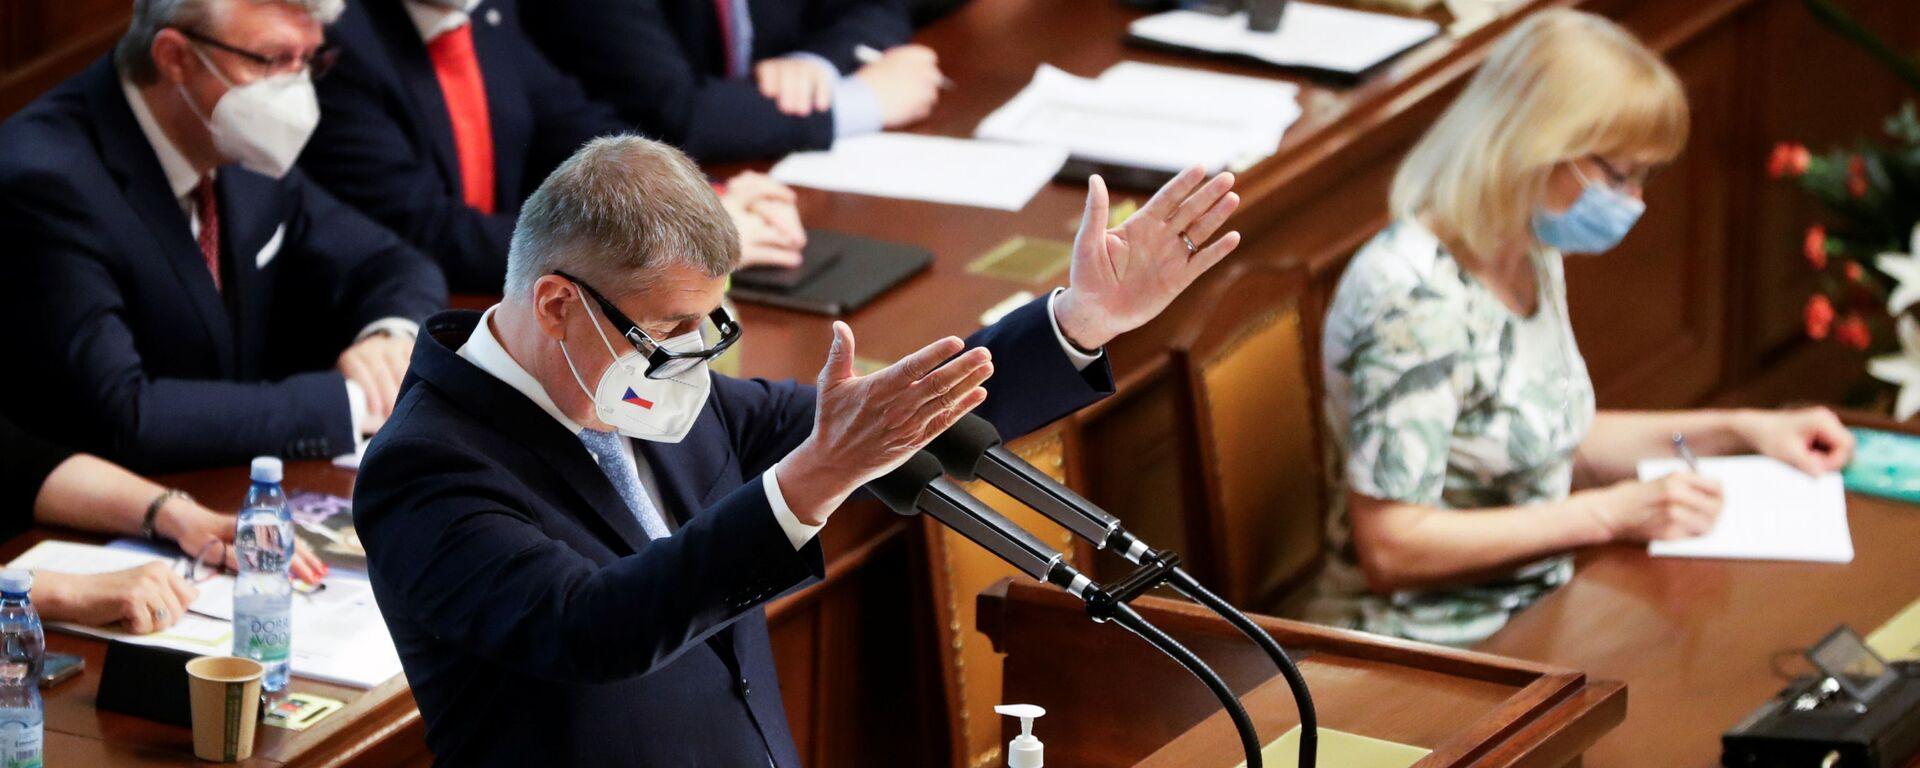 Český premiér Andrej Babiš na zasedání parlamentu - Sputnik Česká republika, 1920, 05.08.2021